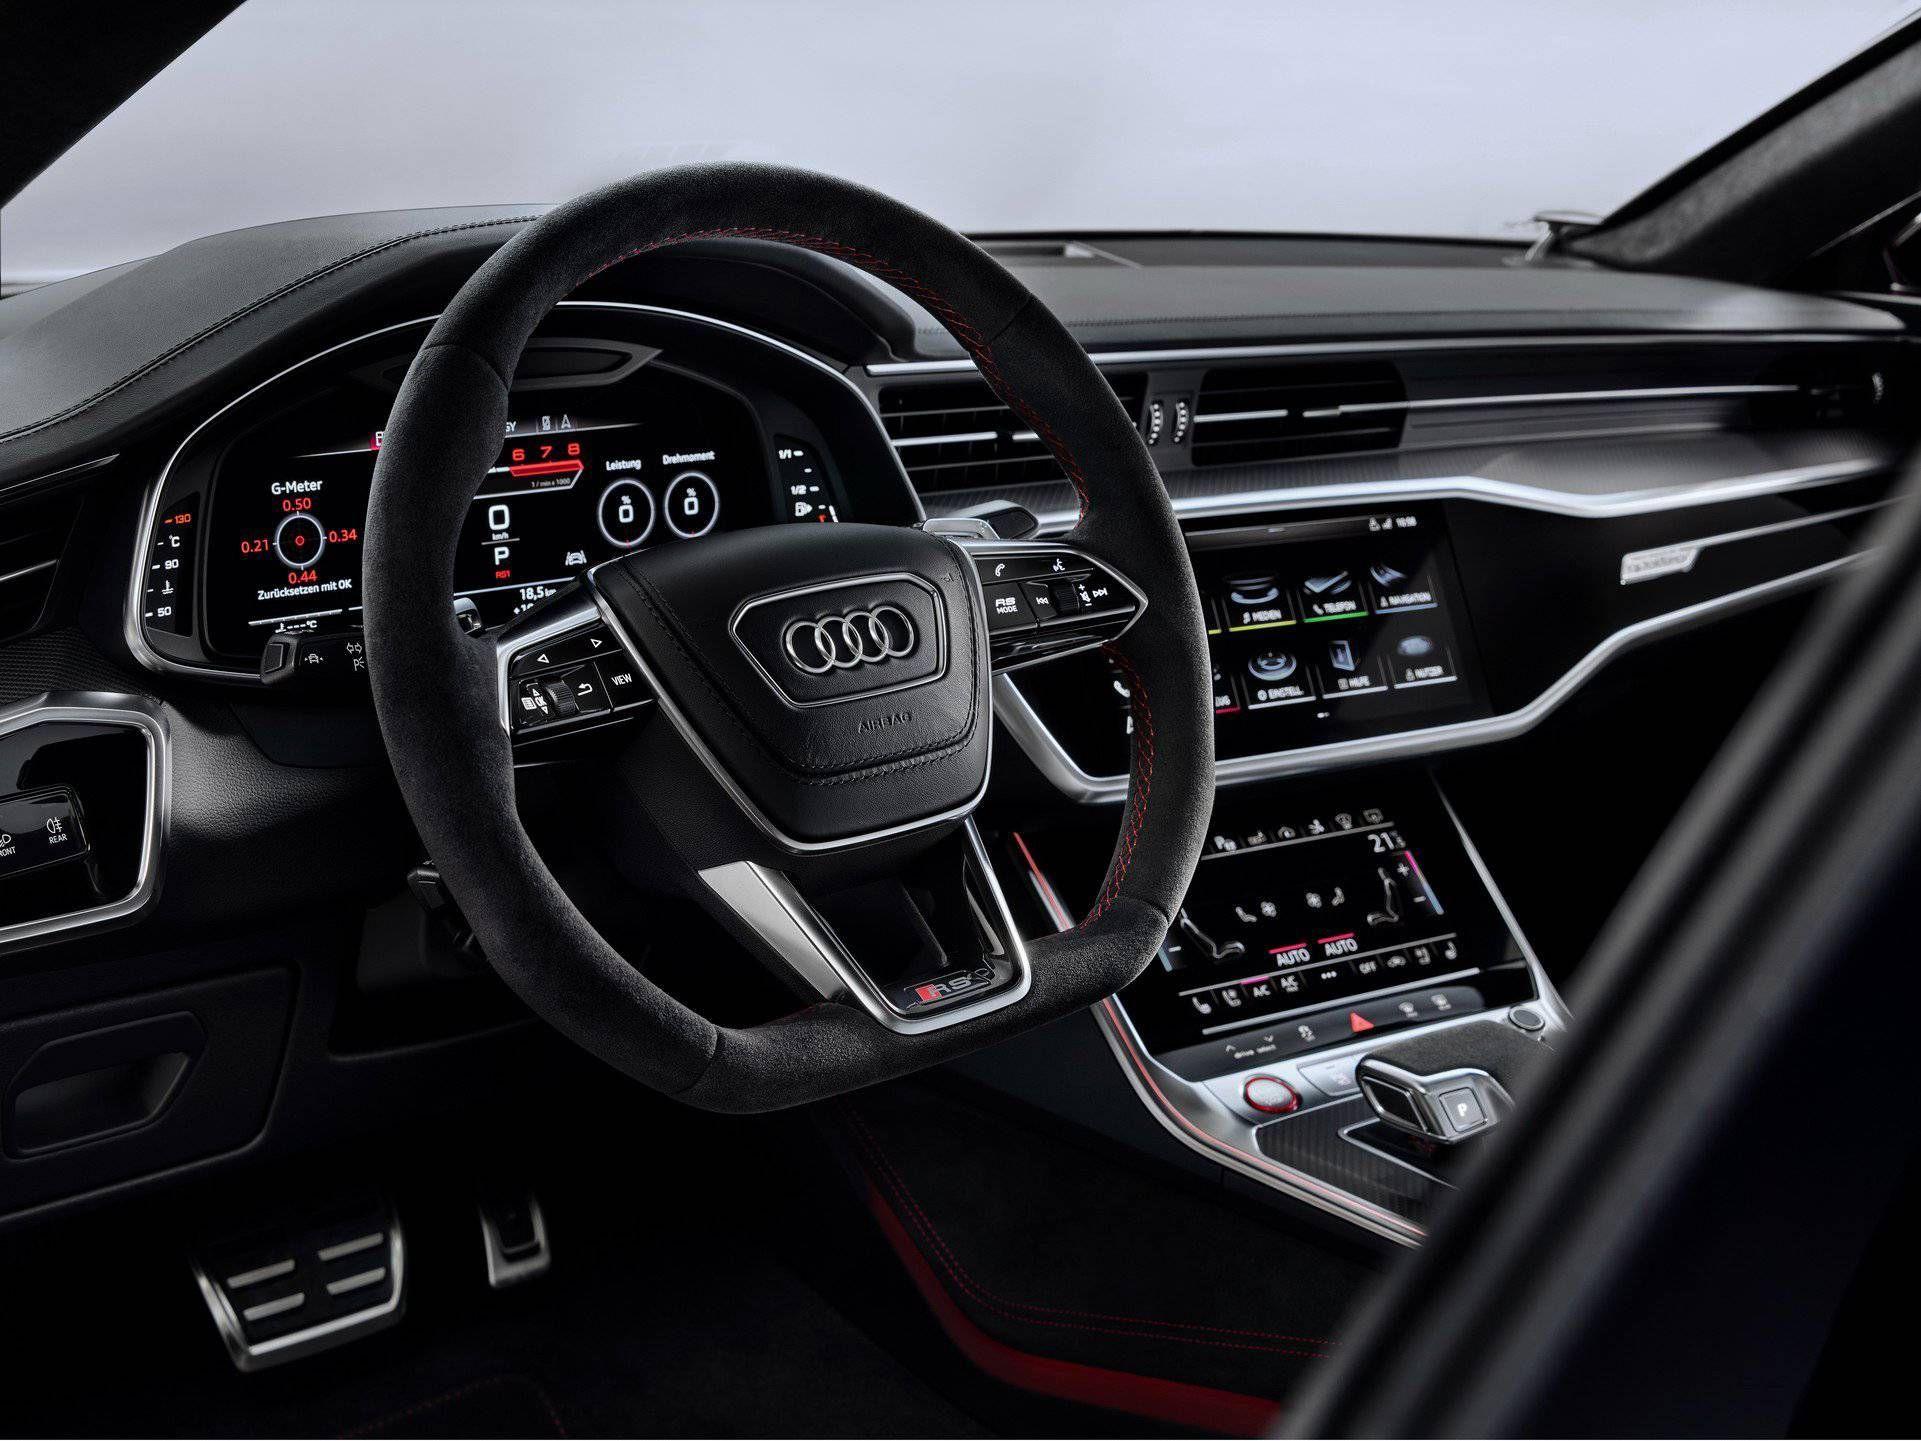 2020 Audi Rs7 Sportback 2020 Audi Rs7 Sportback 2020 Audi Rs7 Sportback Black Audi Rs7 Sportback Rs7 Sportback Audi Interior